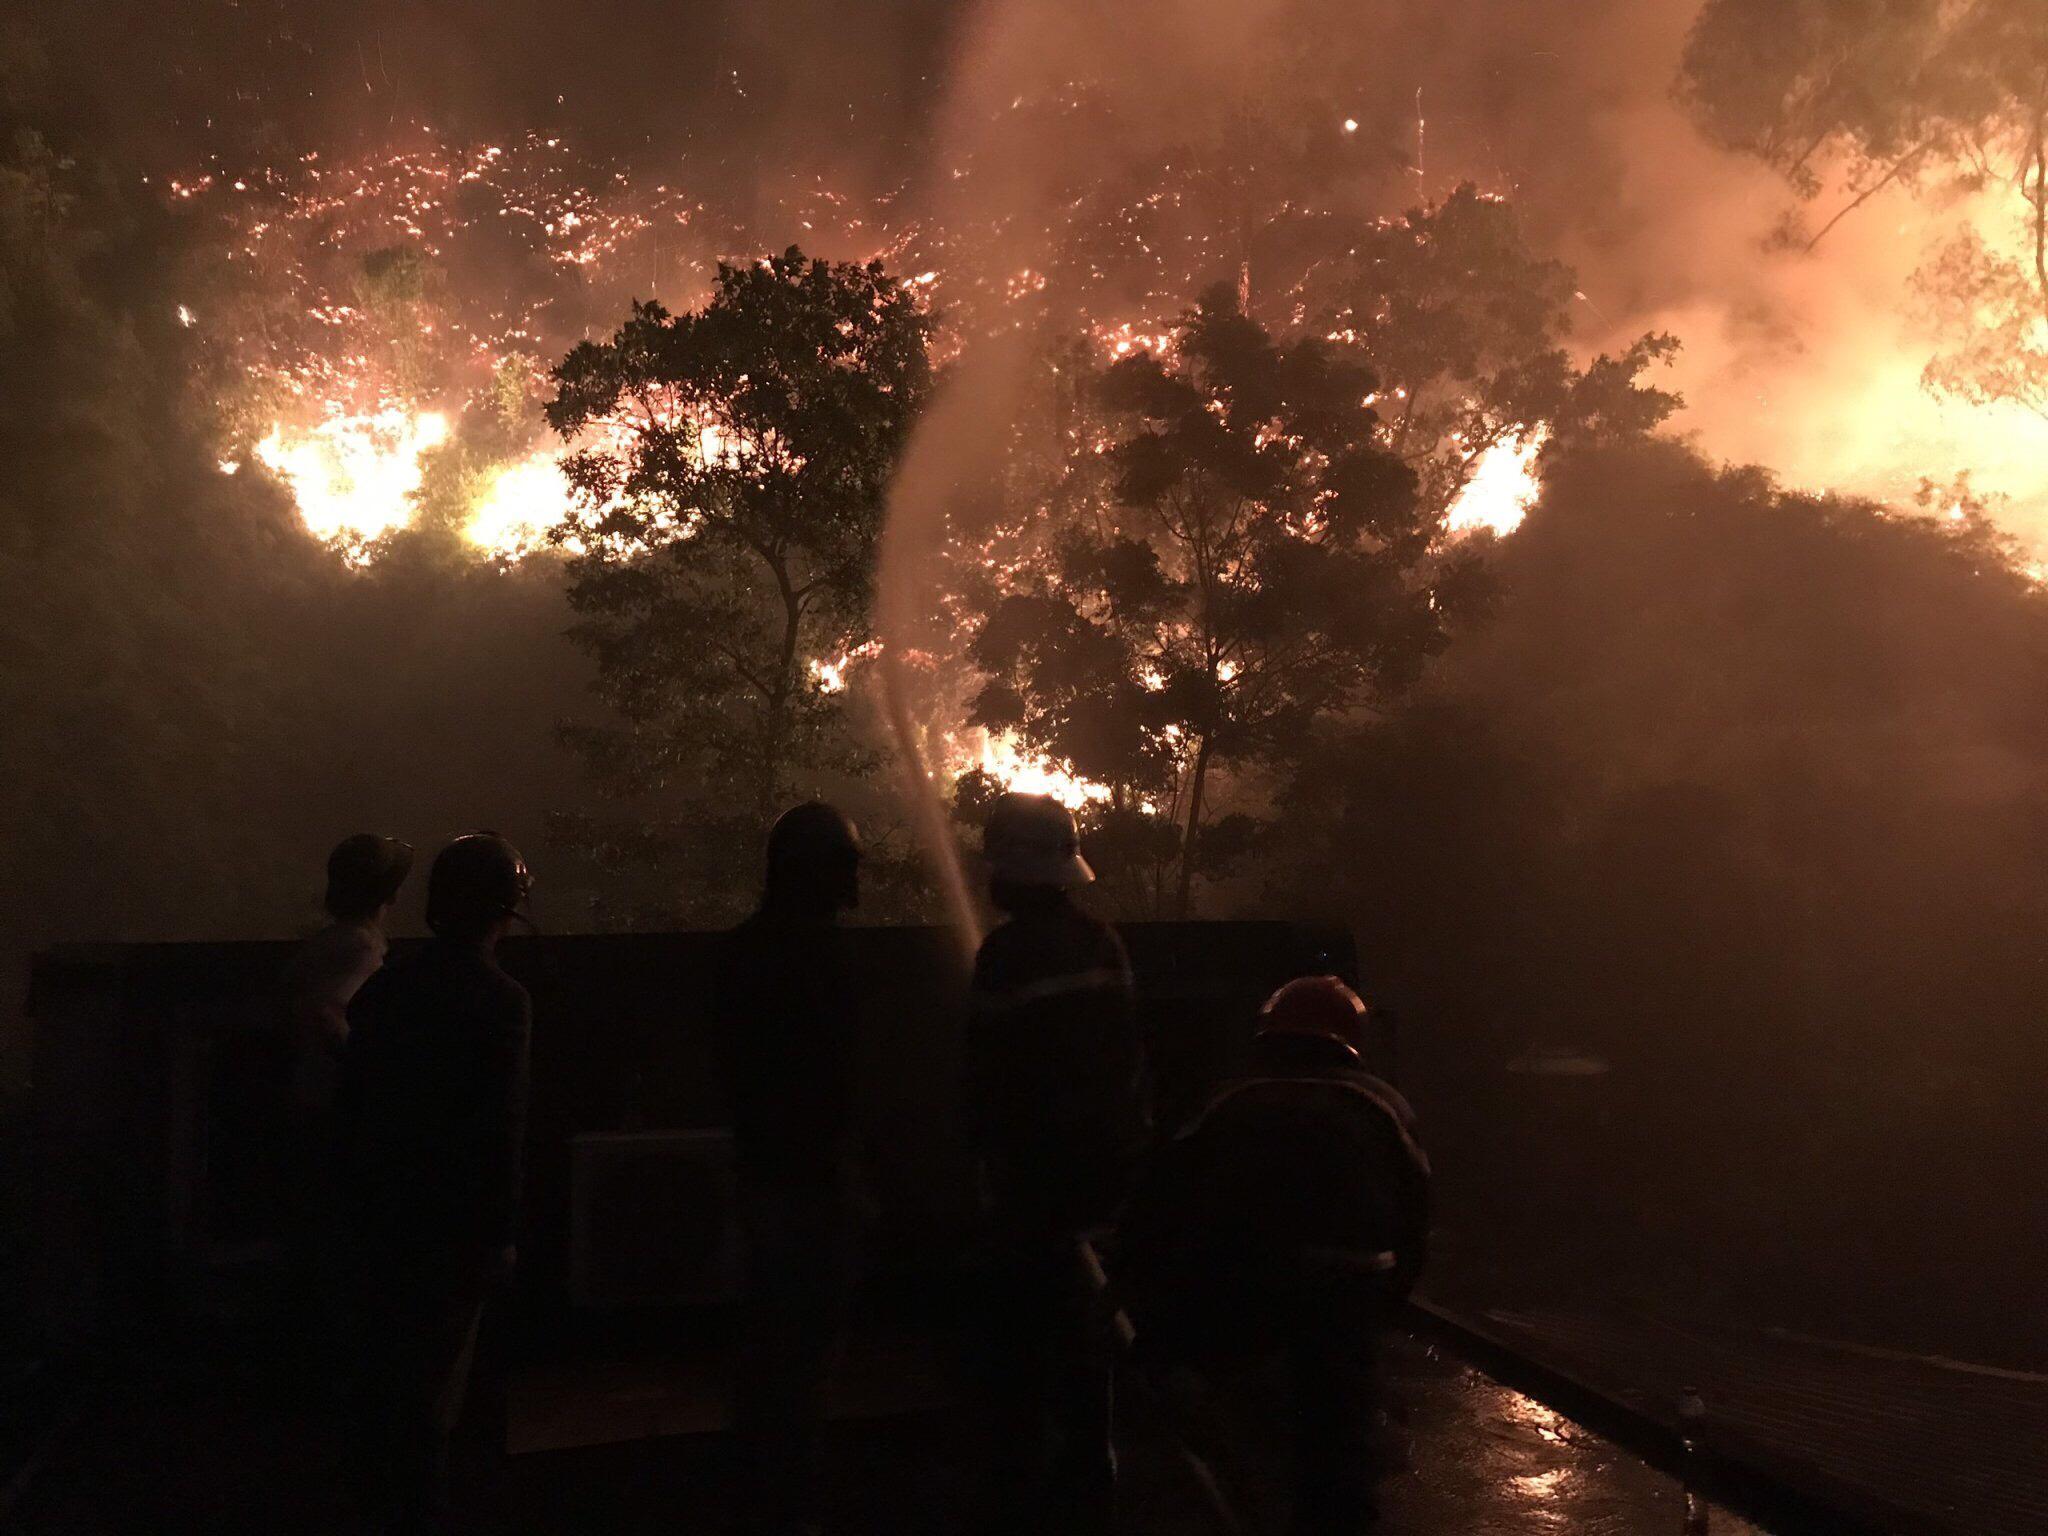 Đốt thực bì gây cháy rừng, lão nông ở Hà Tĩnh bị phạt 90 triệu đồng và buộc phải trồng lại rừng - Ảnh 1